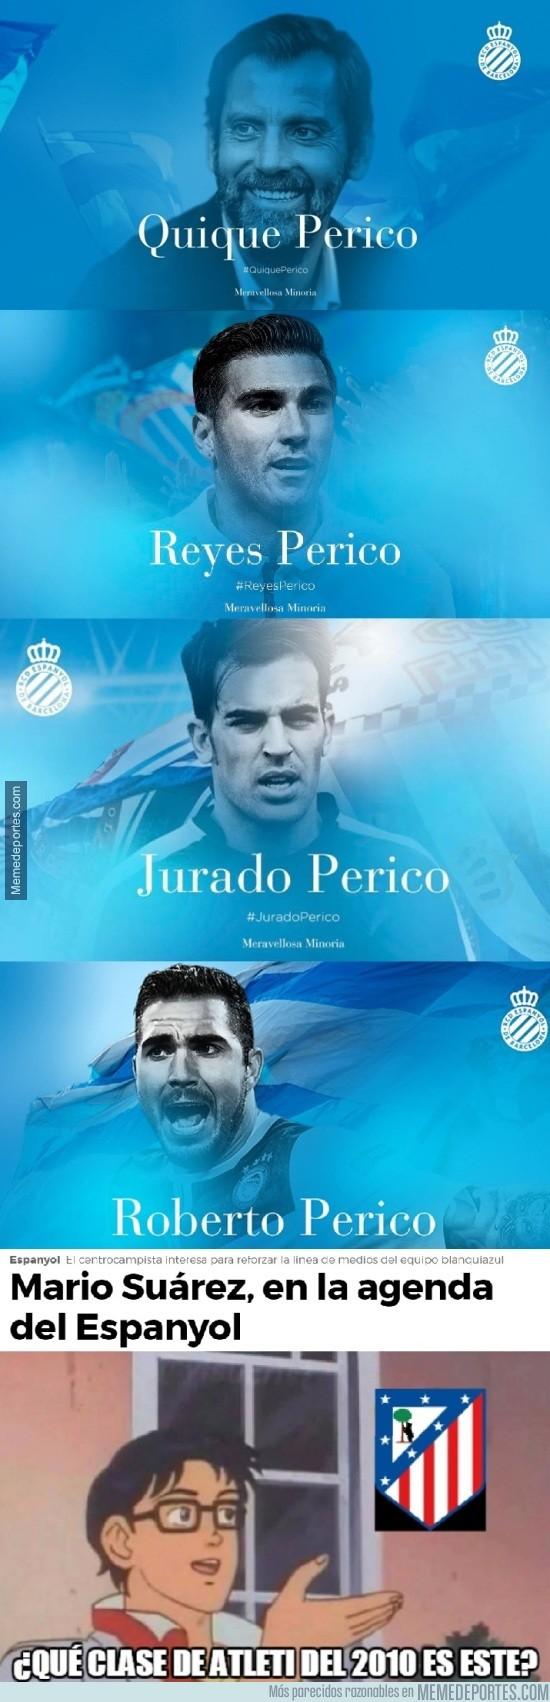 886202 - El Espanyol está reeditando el Atleti del 2010